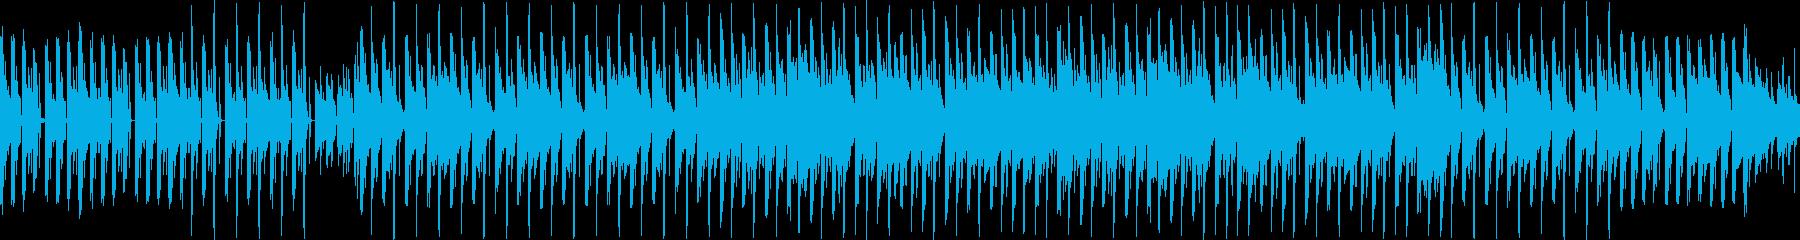 マリンバとベースのテクノ風のループ曲の再生済みの波形